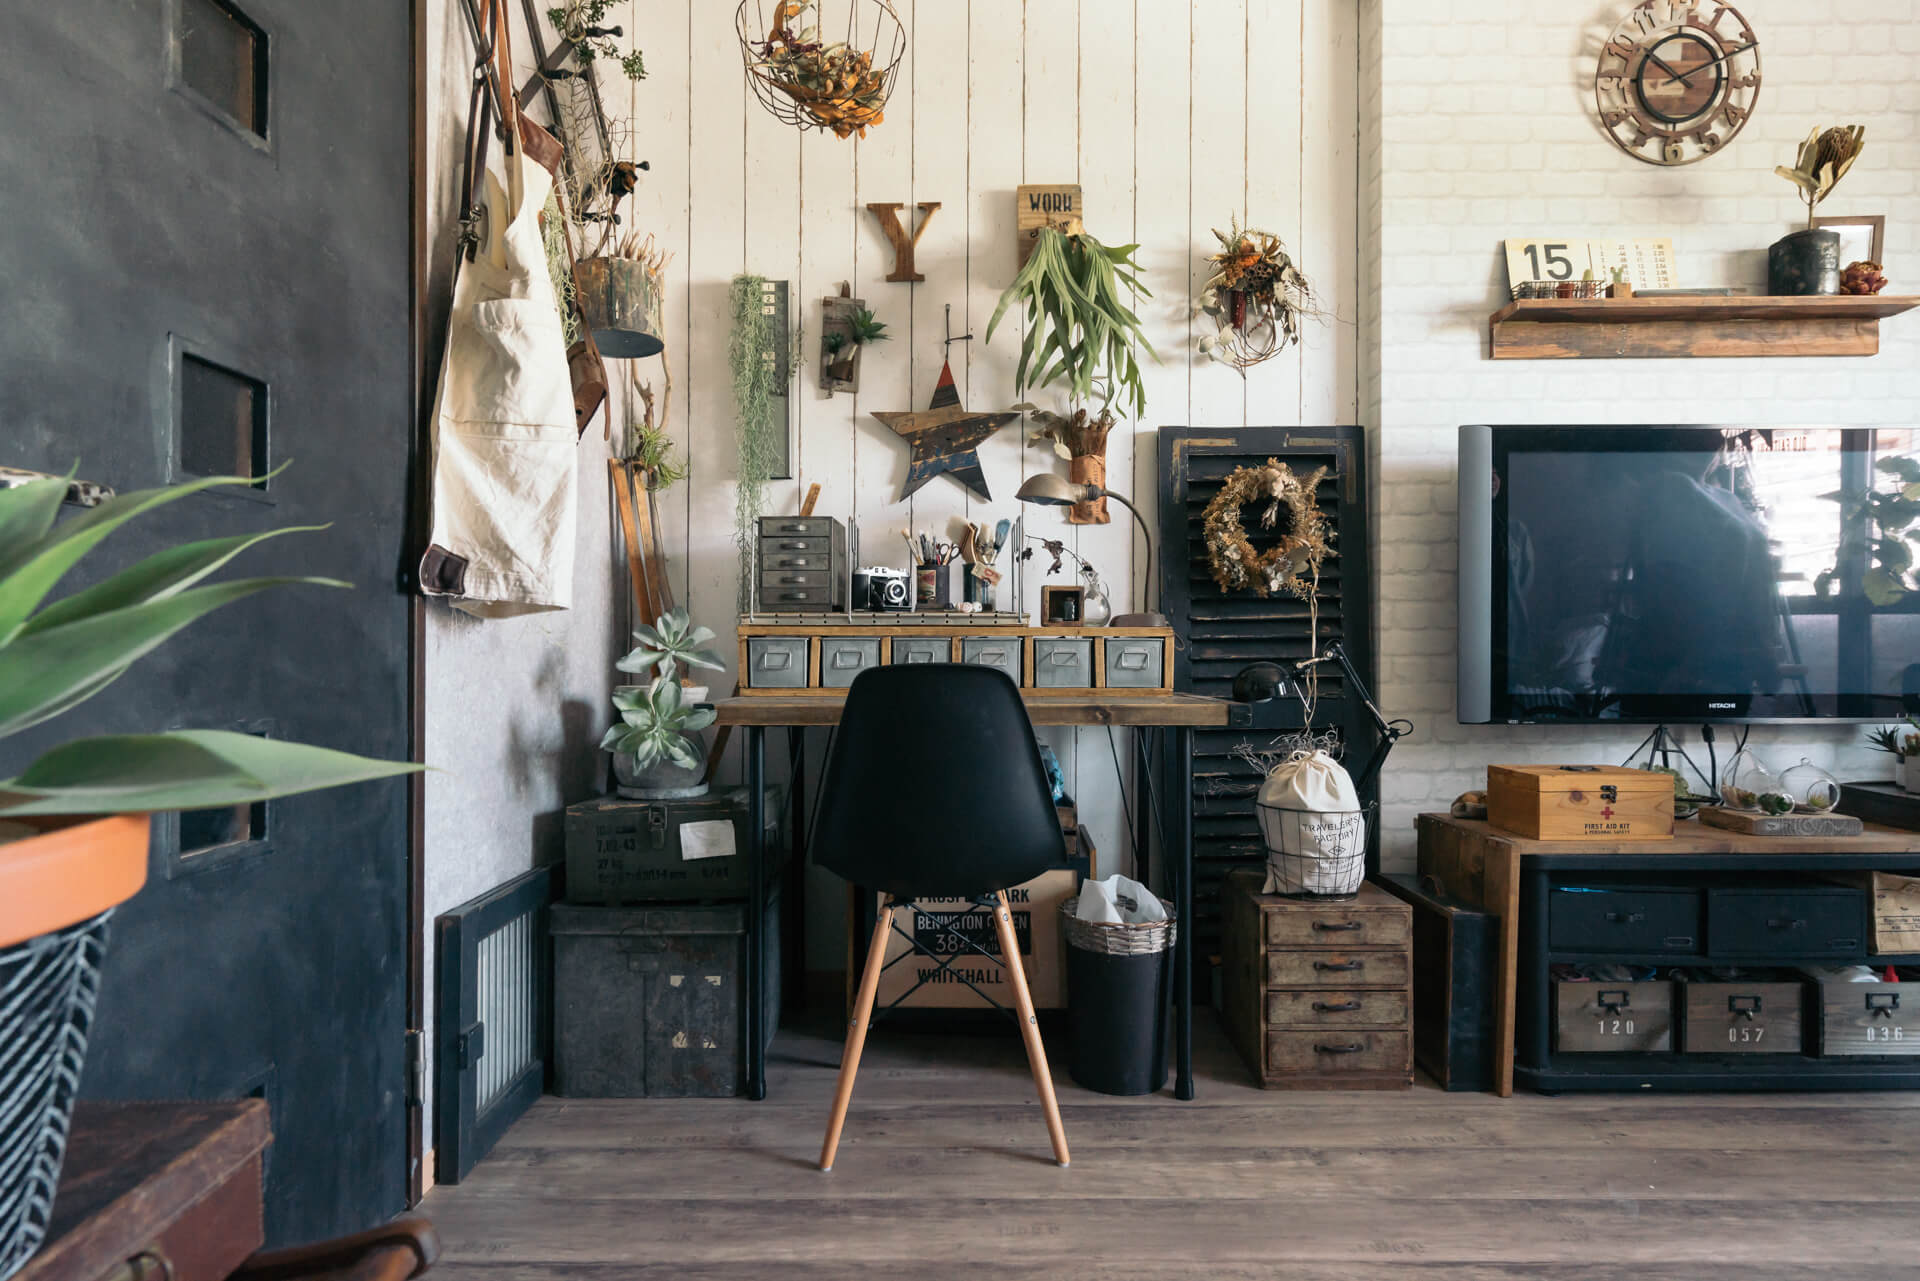 どの壁を切り取っても絵になる!ずっと眺めていたくなるような、センス溢れる可愛らしいお部屋です。